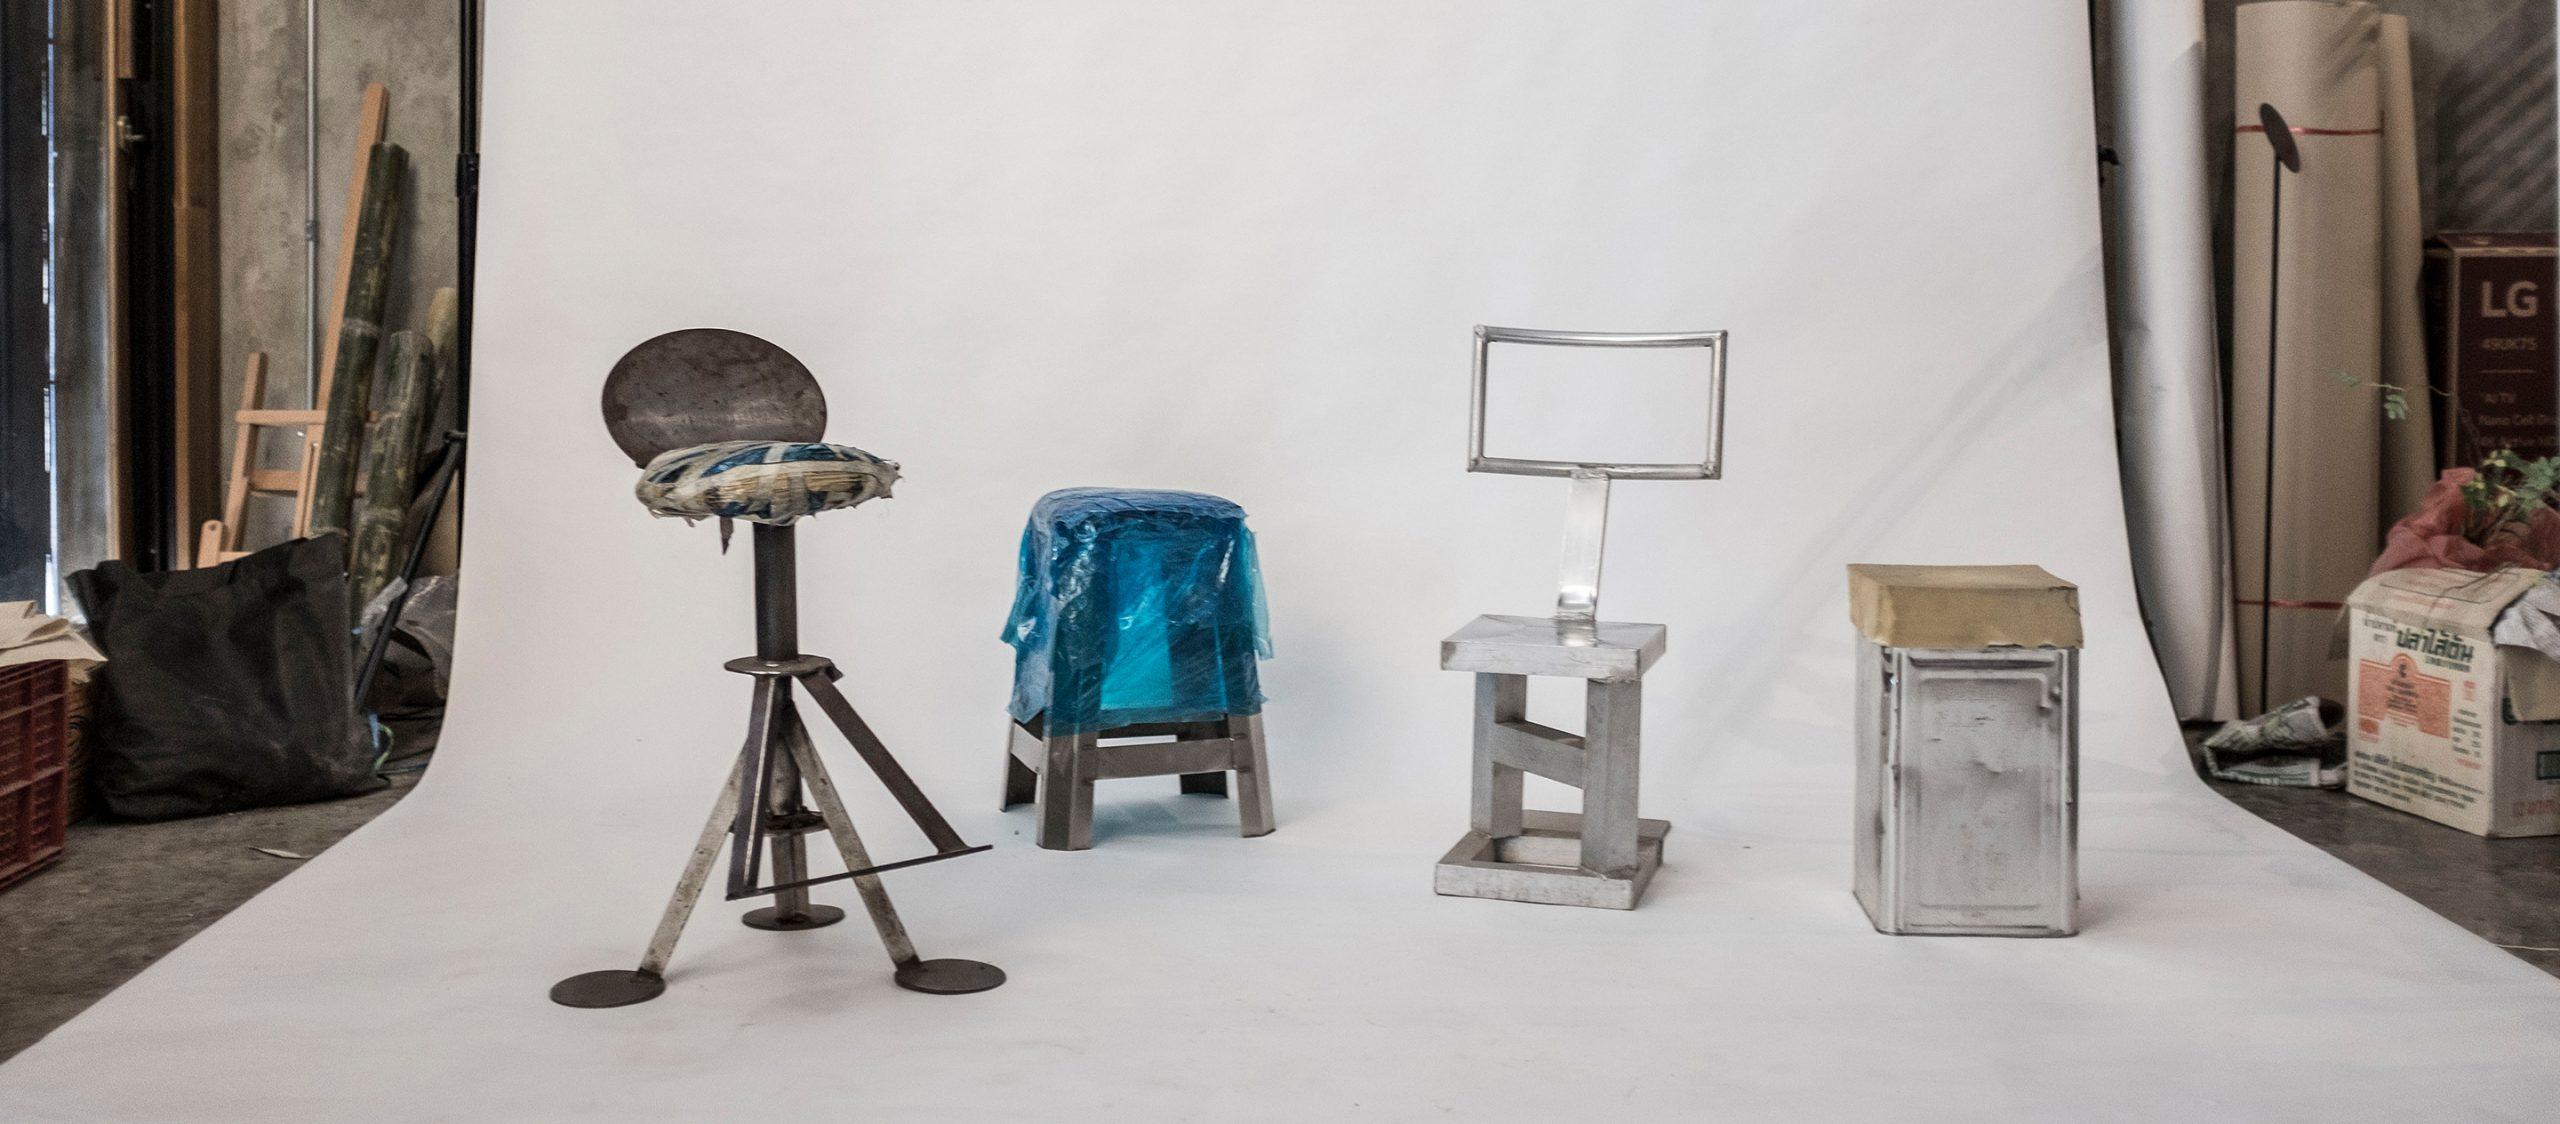 """""""belong"""" นิทรรศการเก้าอี้ที่โชว์ความเป็นนักออกแบบ ของคนที่ไม่เคยเรียกตัวเองว่านักออกแบบ"""